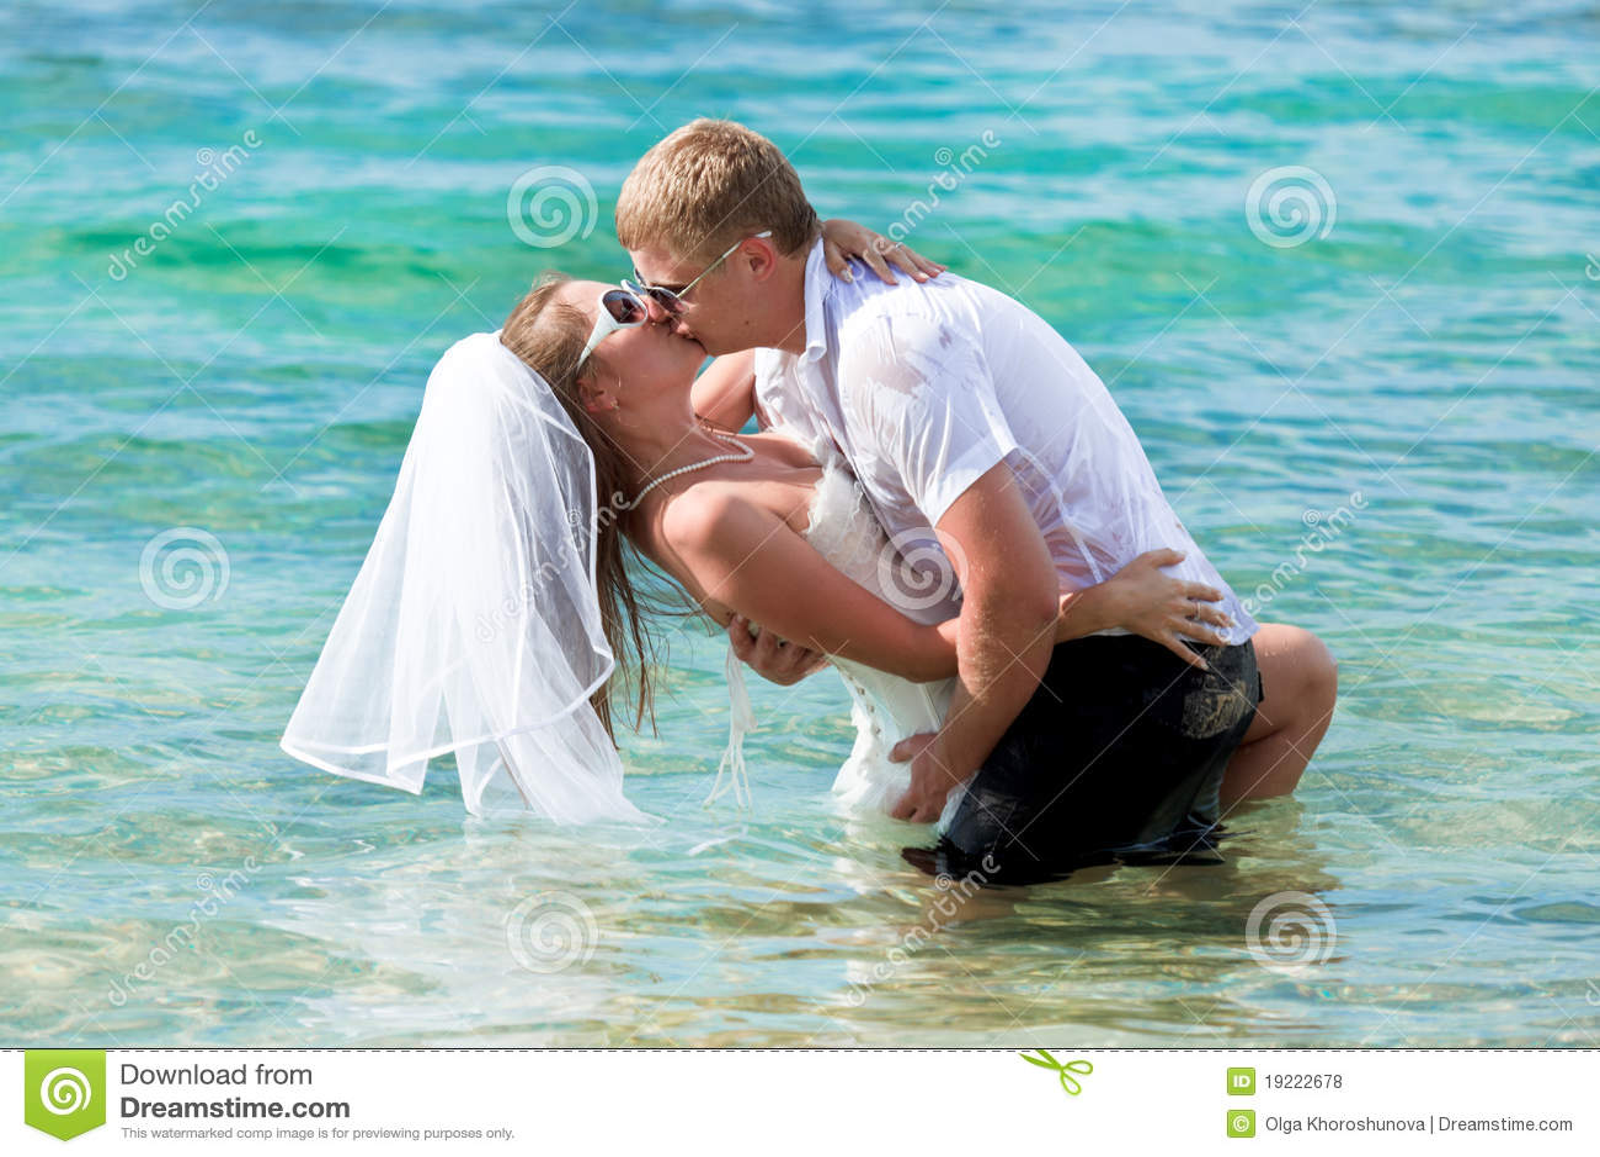 Beso Wedding